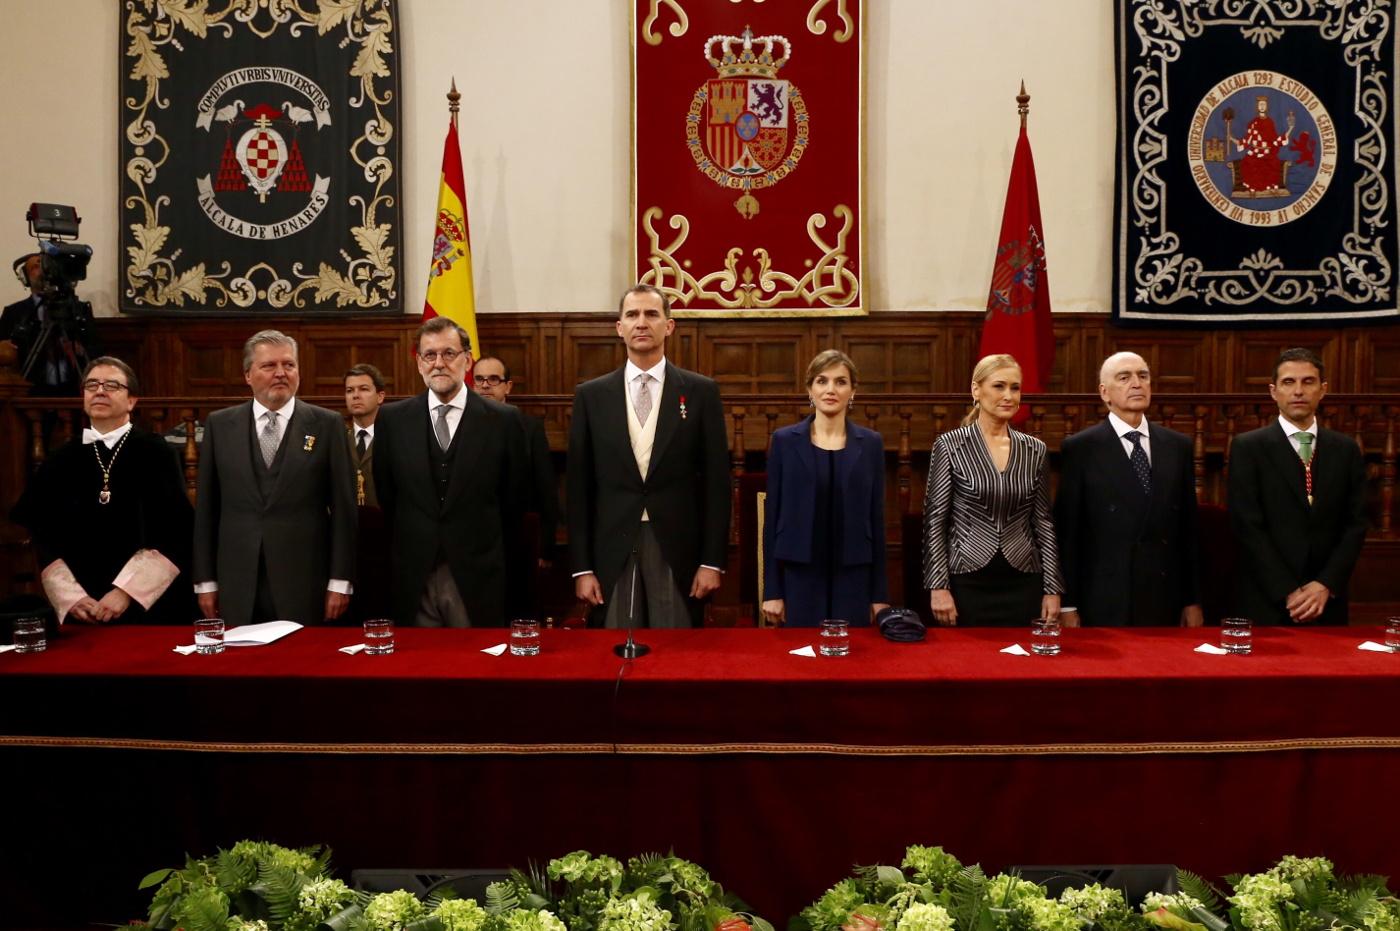 Cervantes presidencia